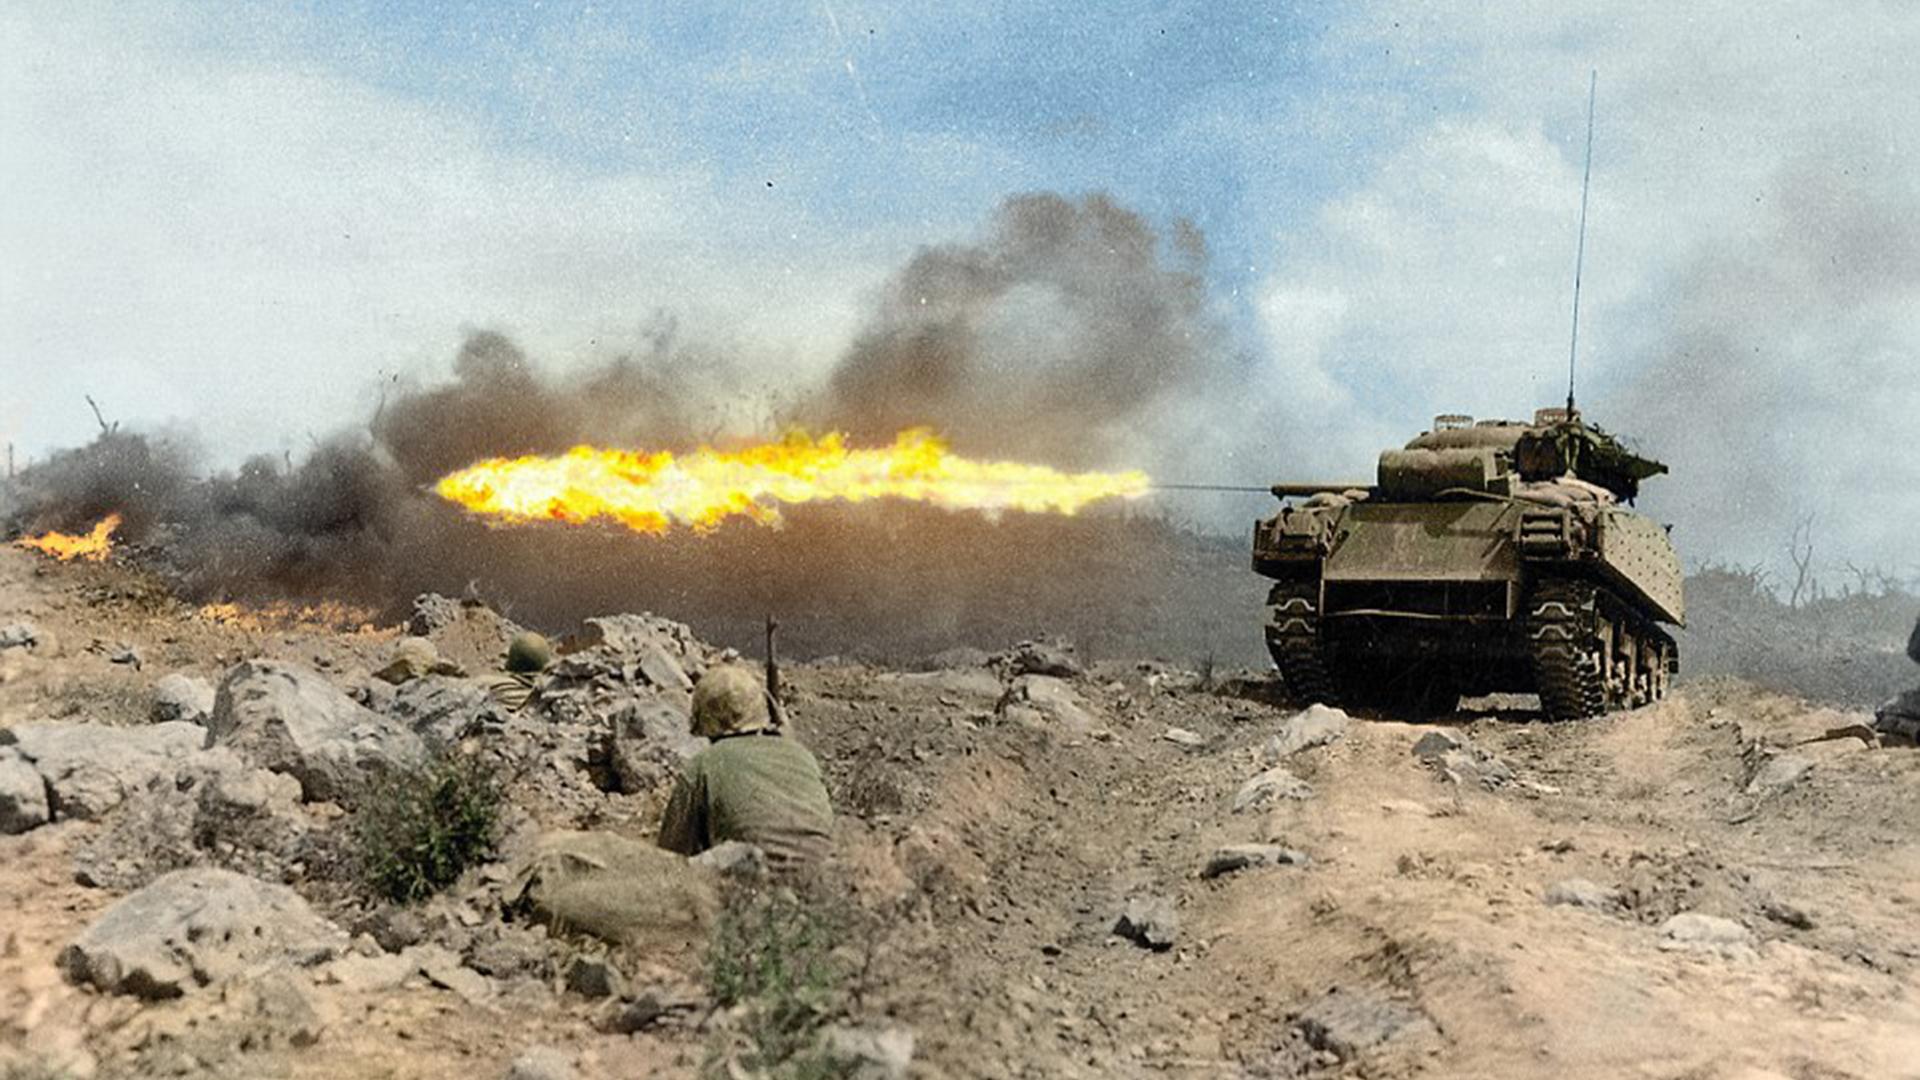 El tanque Sherman -apodado Zippo- lanza llamas en marzo de 1945. La de Iwo Jima fue una de las más brutales batallas del Pacífico durante la Segunda Guerra Mundial